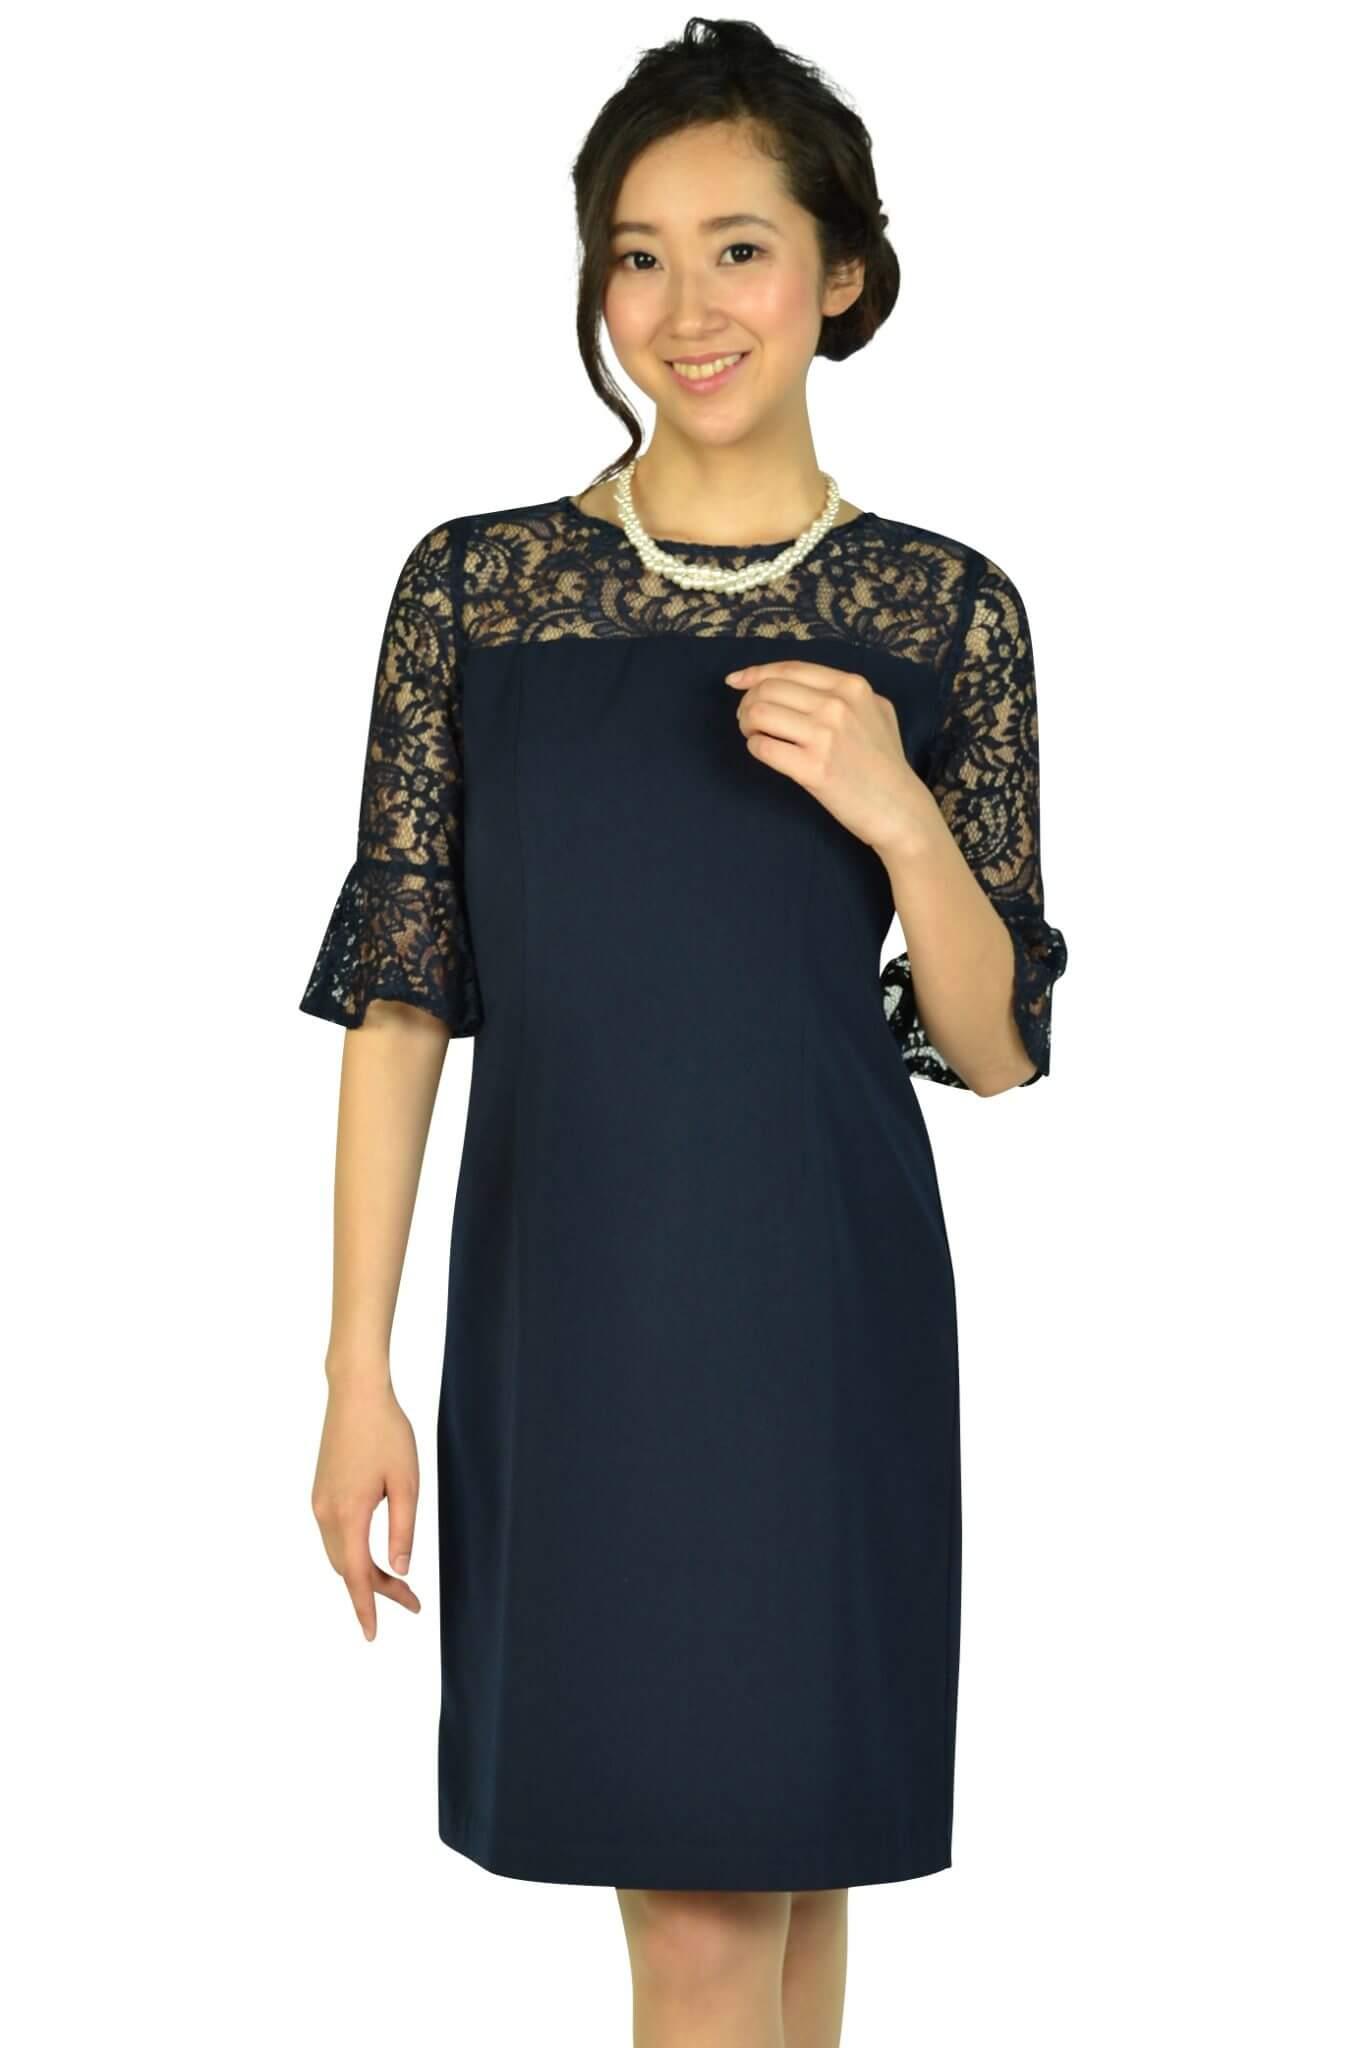 アグレアーブル (Agreable)袖&胸元シースルーレースネイビードレス